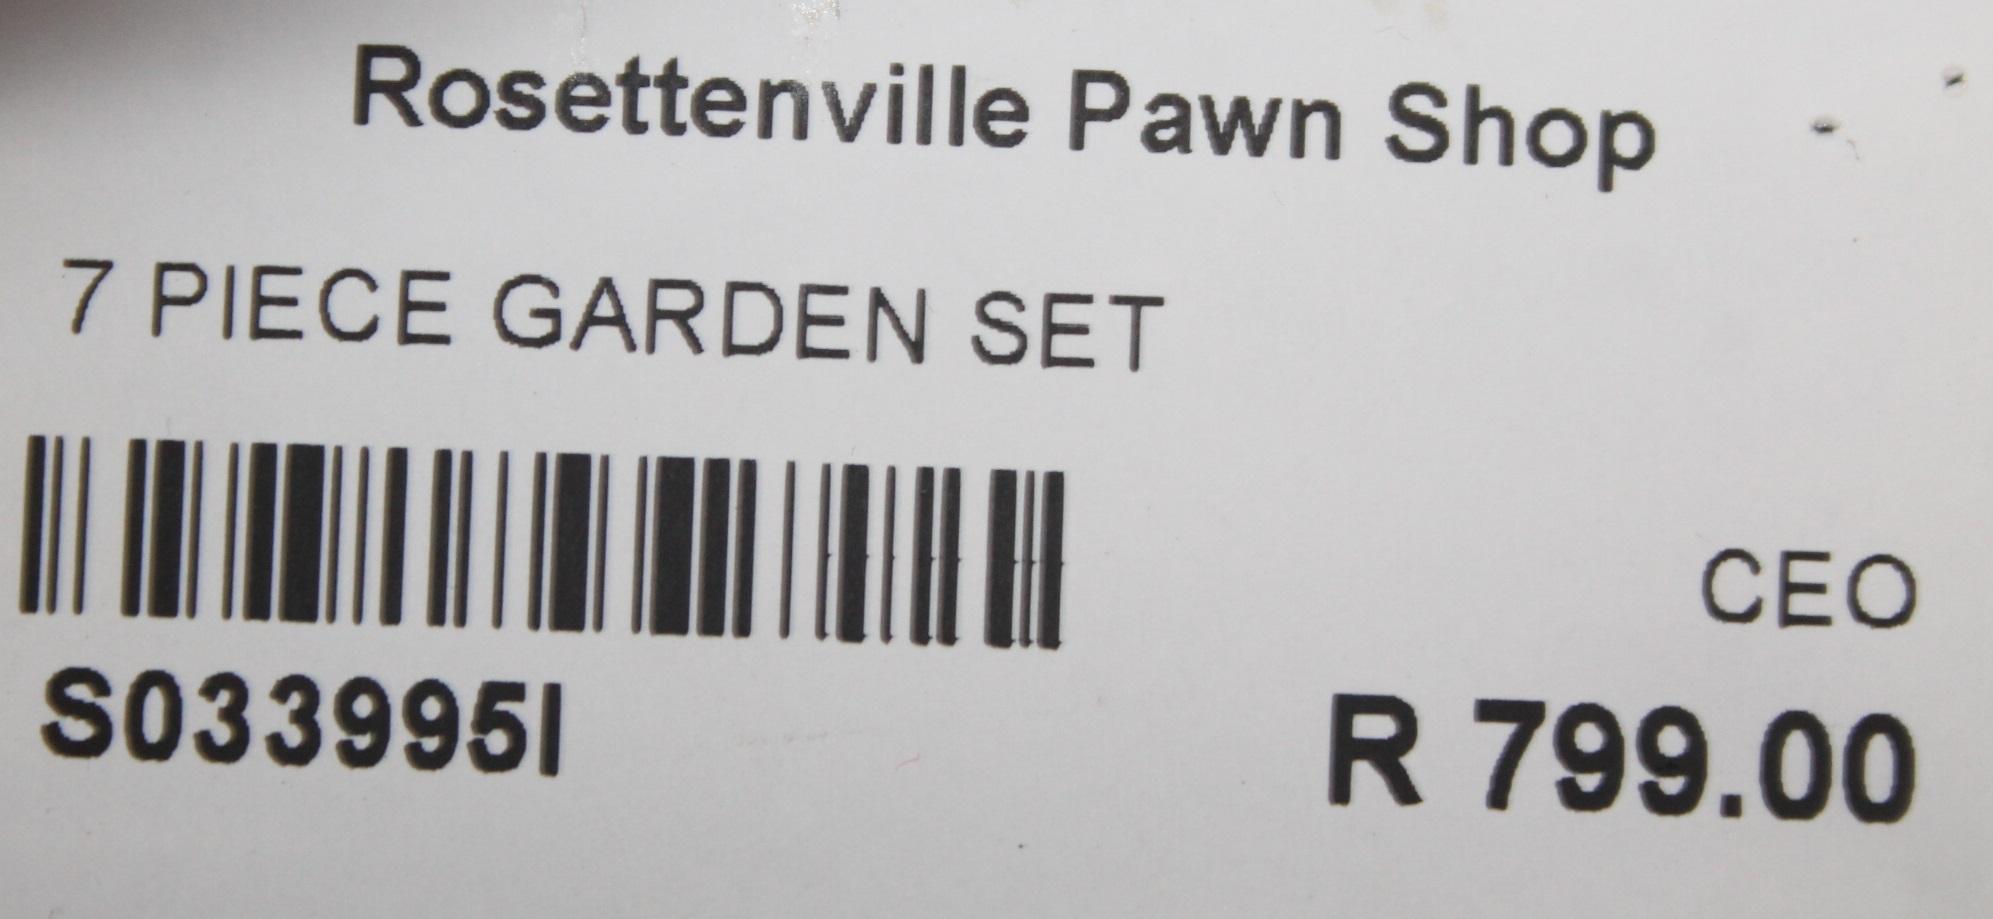 S033995I 7 Piece garden set #Rosettenvillepawnshop